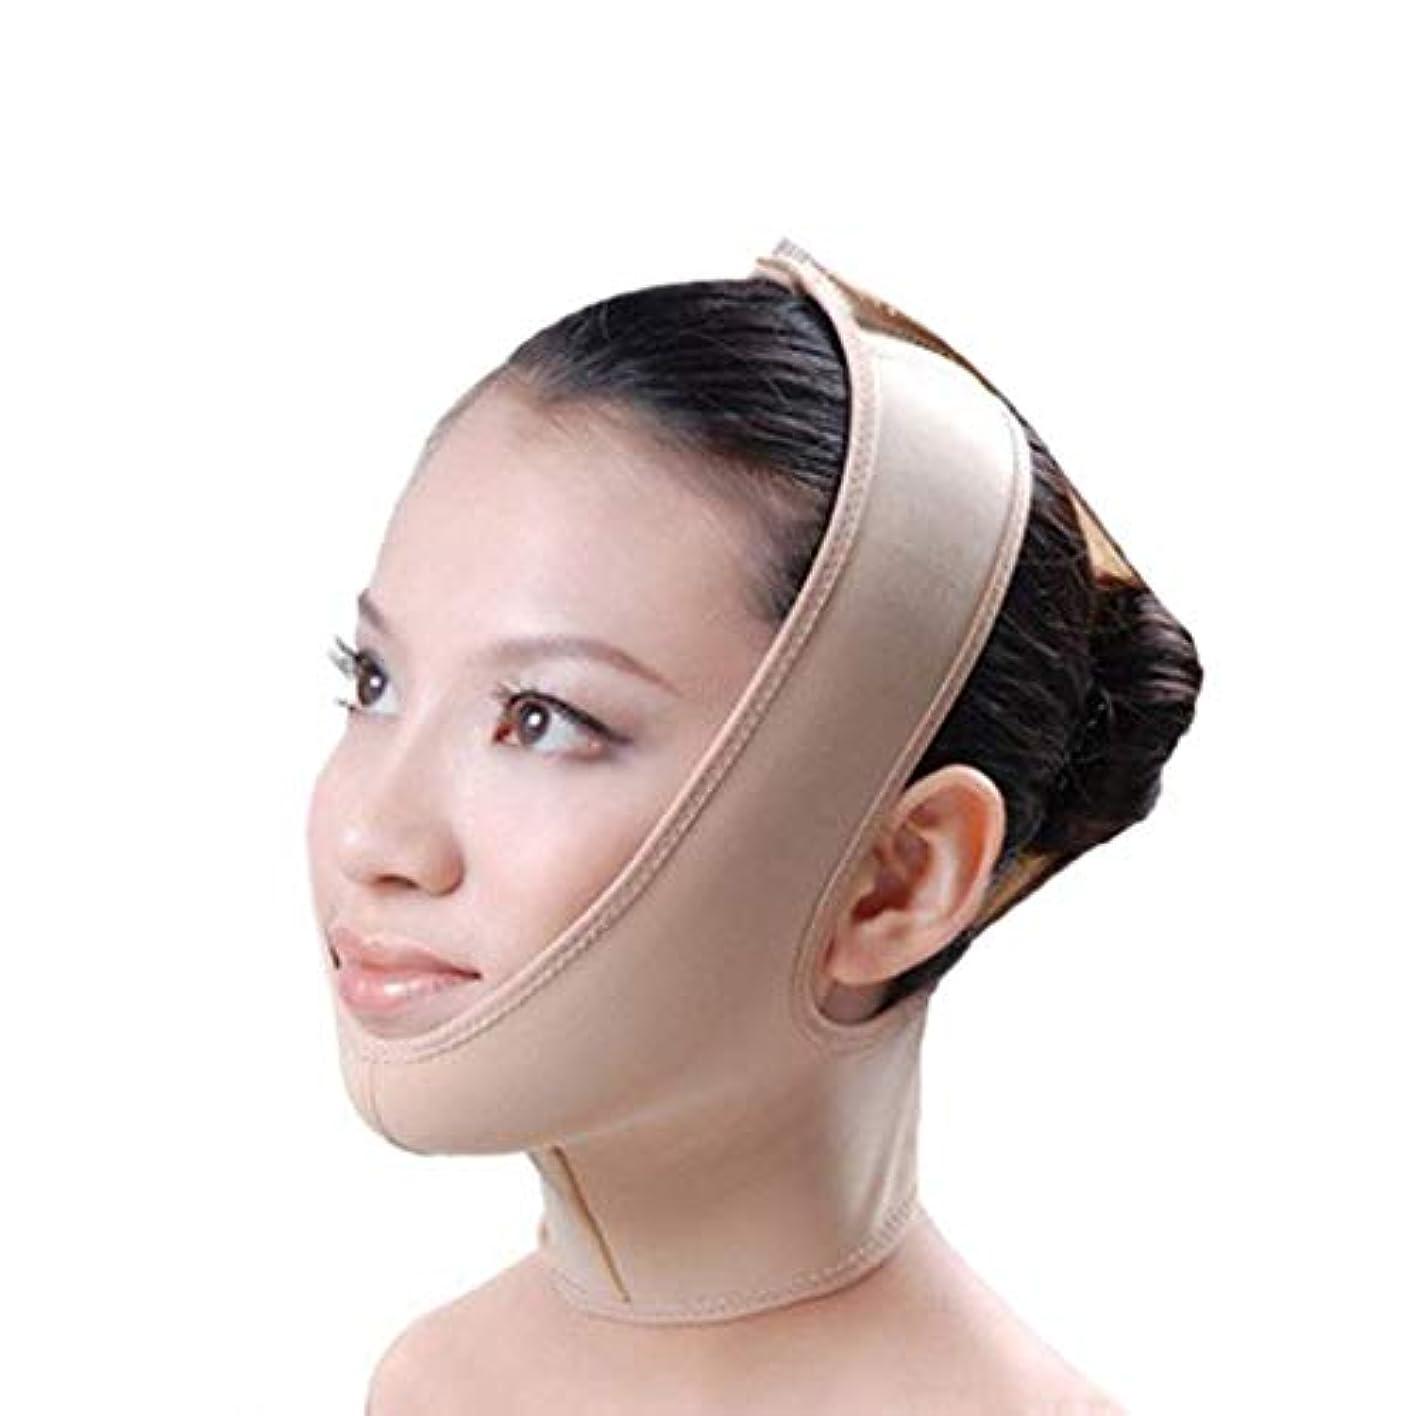 馬鹿げた憤る糞フェイススリム、リフティングマスク、包帯リフト、二重あご、引き締めフェイシャルリフト、フェイシャル減量マスク、リフティングスキン包帯(サイズ:XL),XL